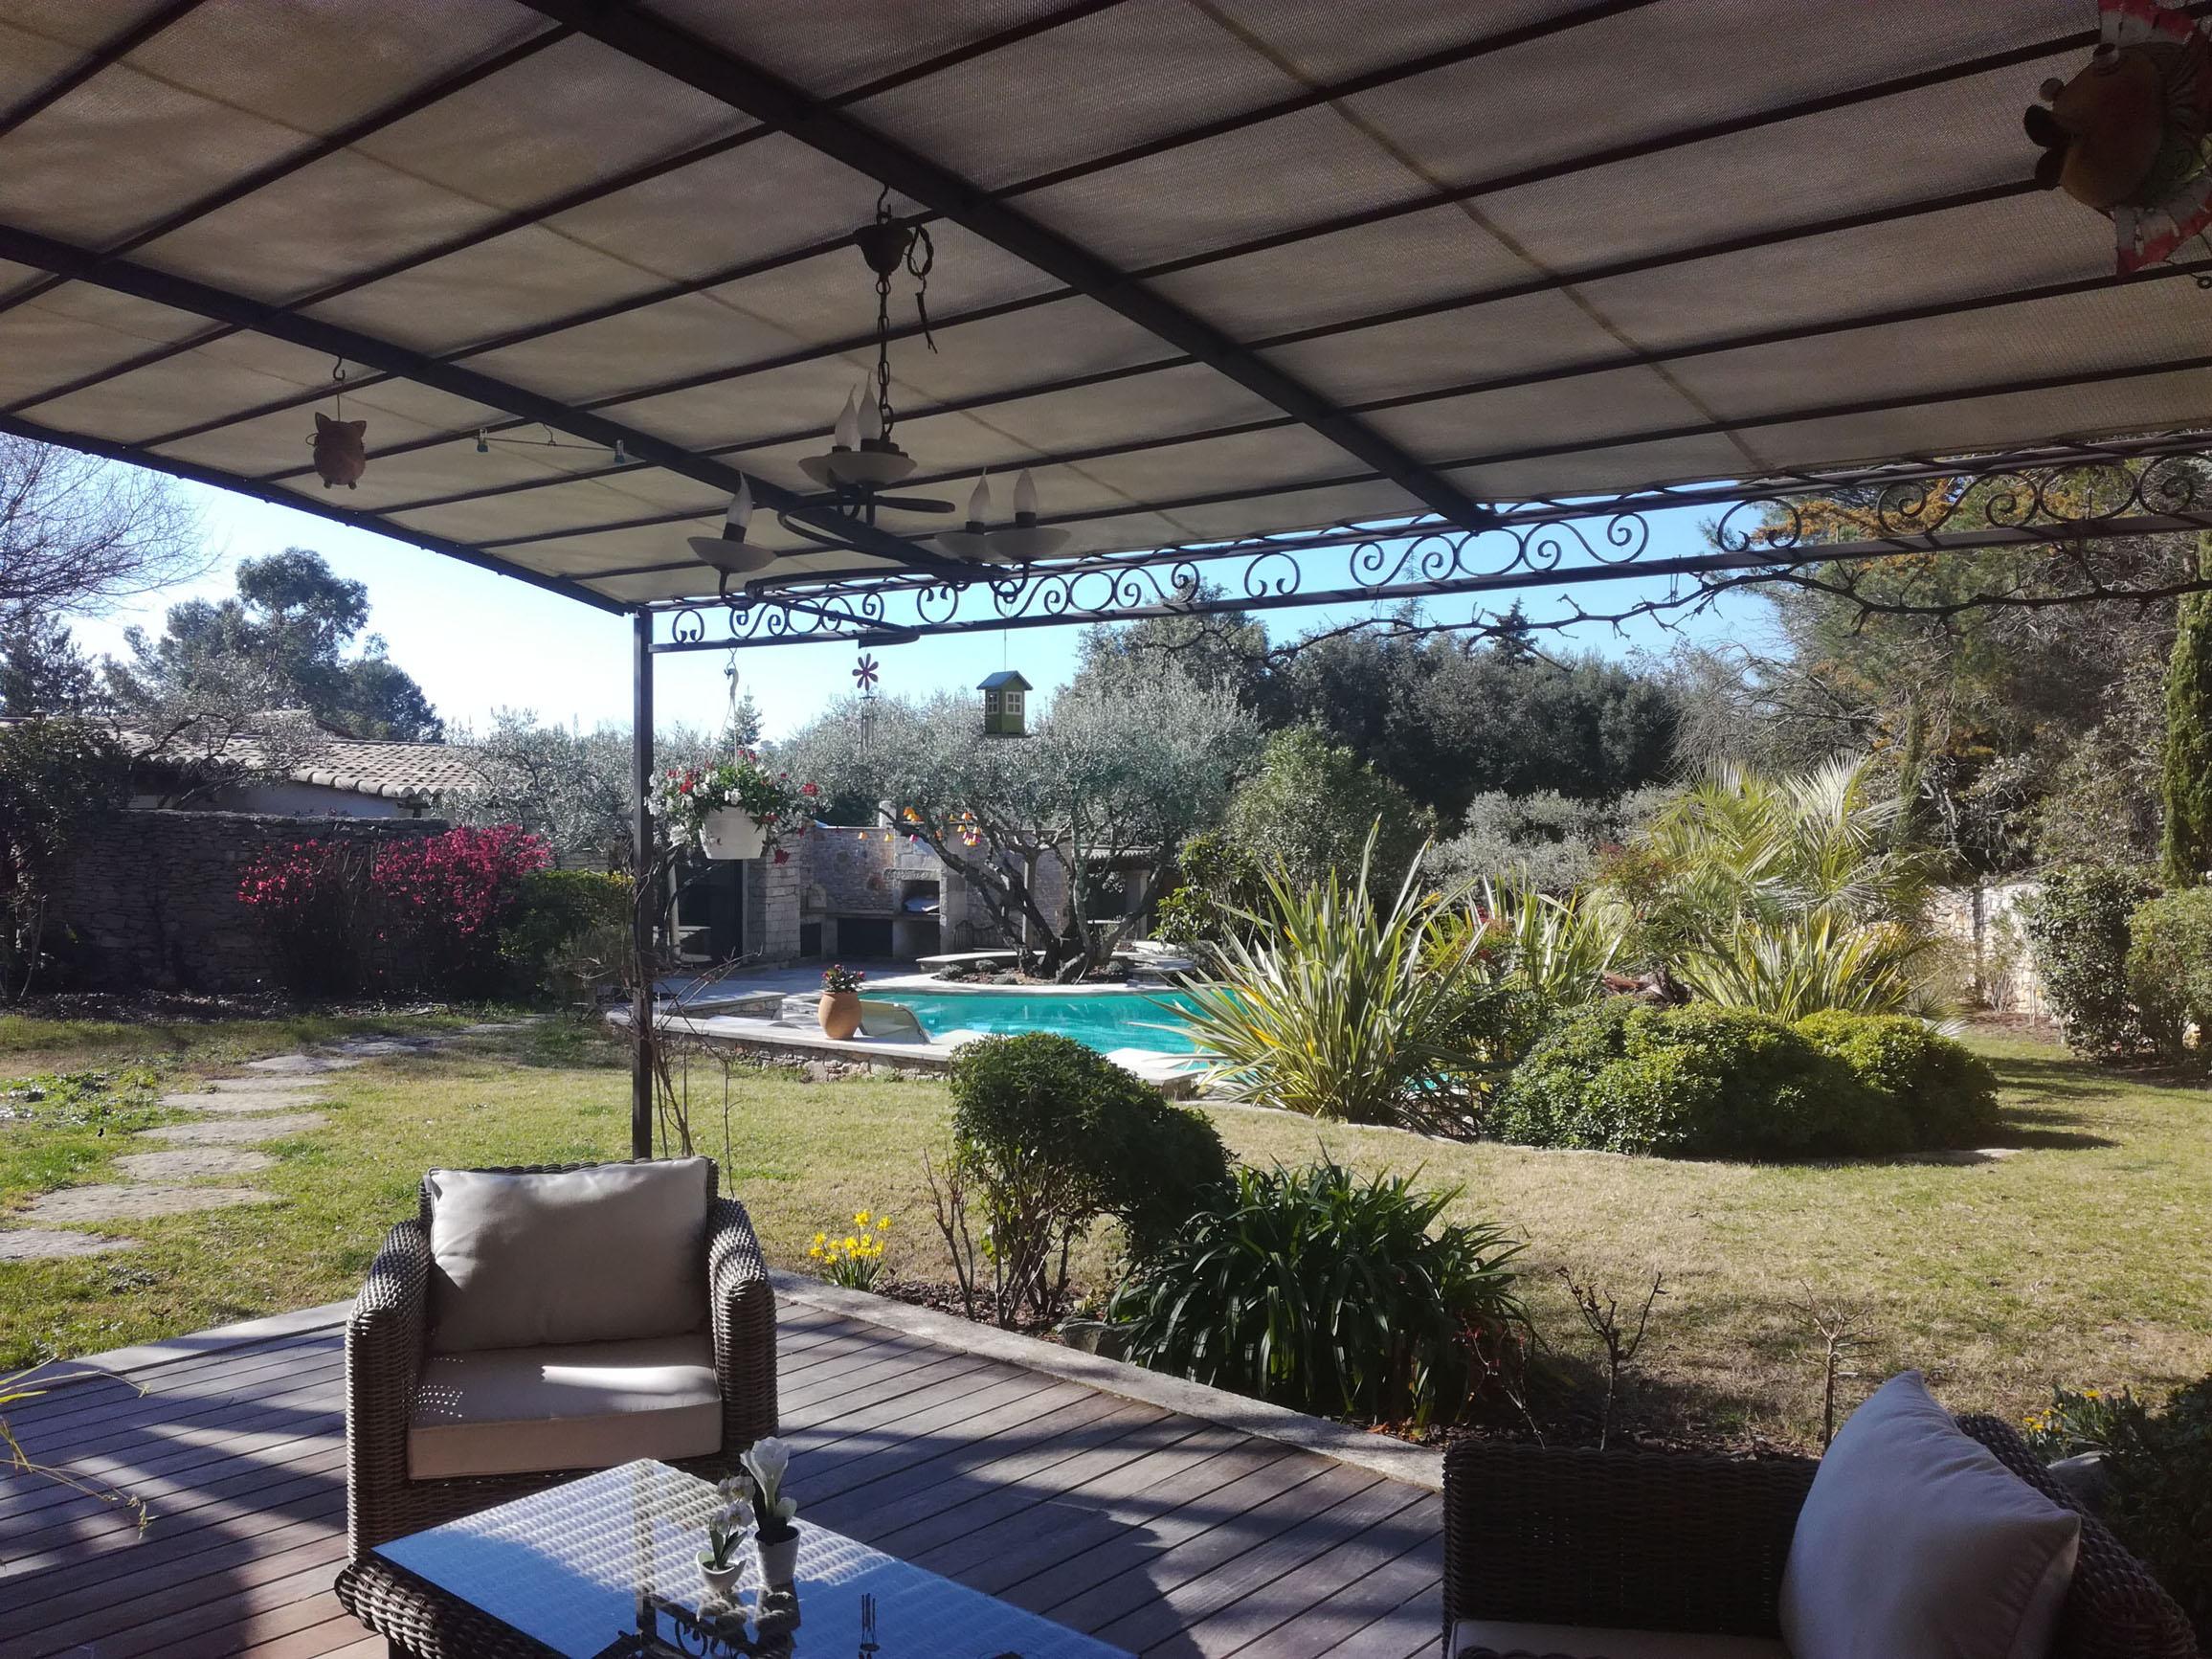 Maison N Mes Quartier La Cigale 210m 4800 Ma Petite Agence - Le ...